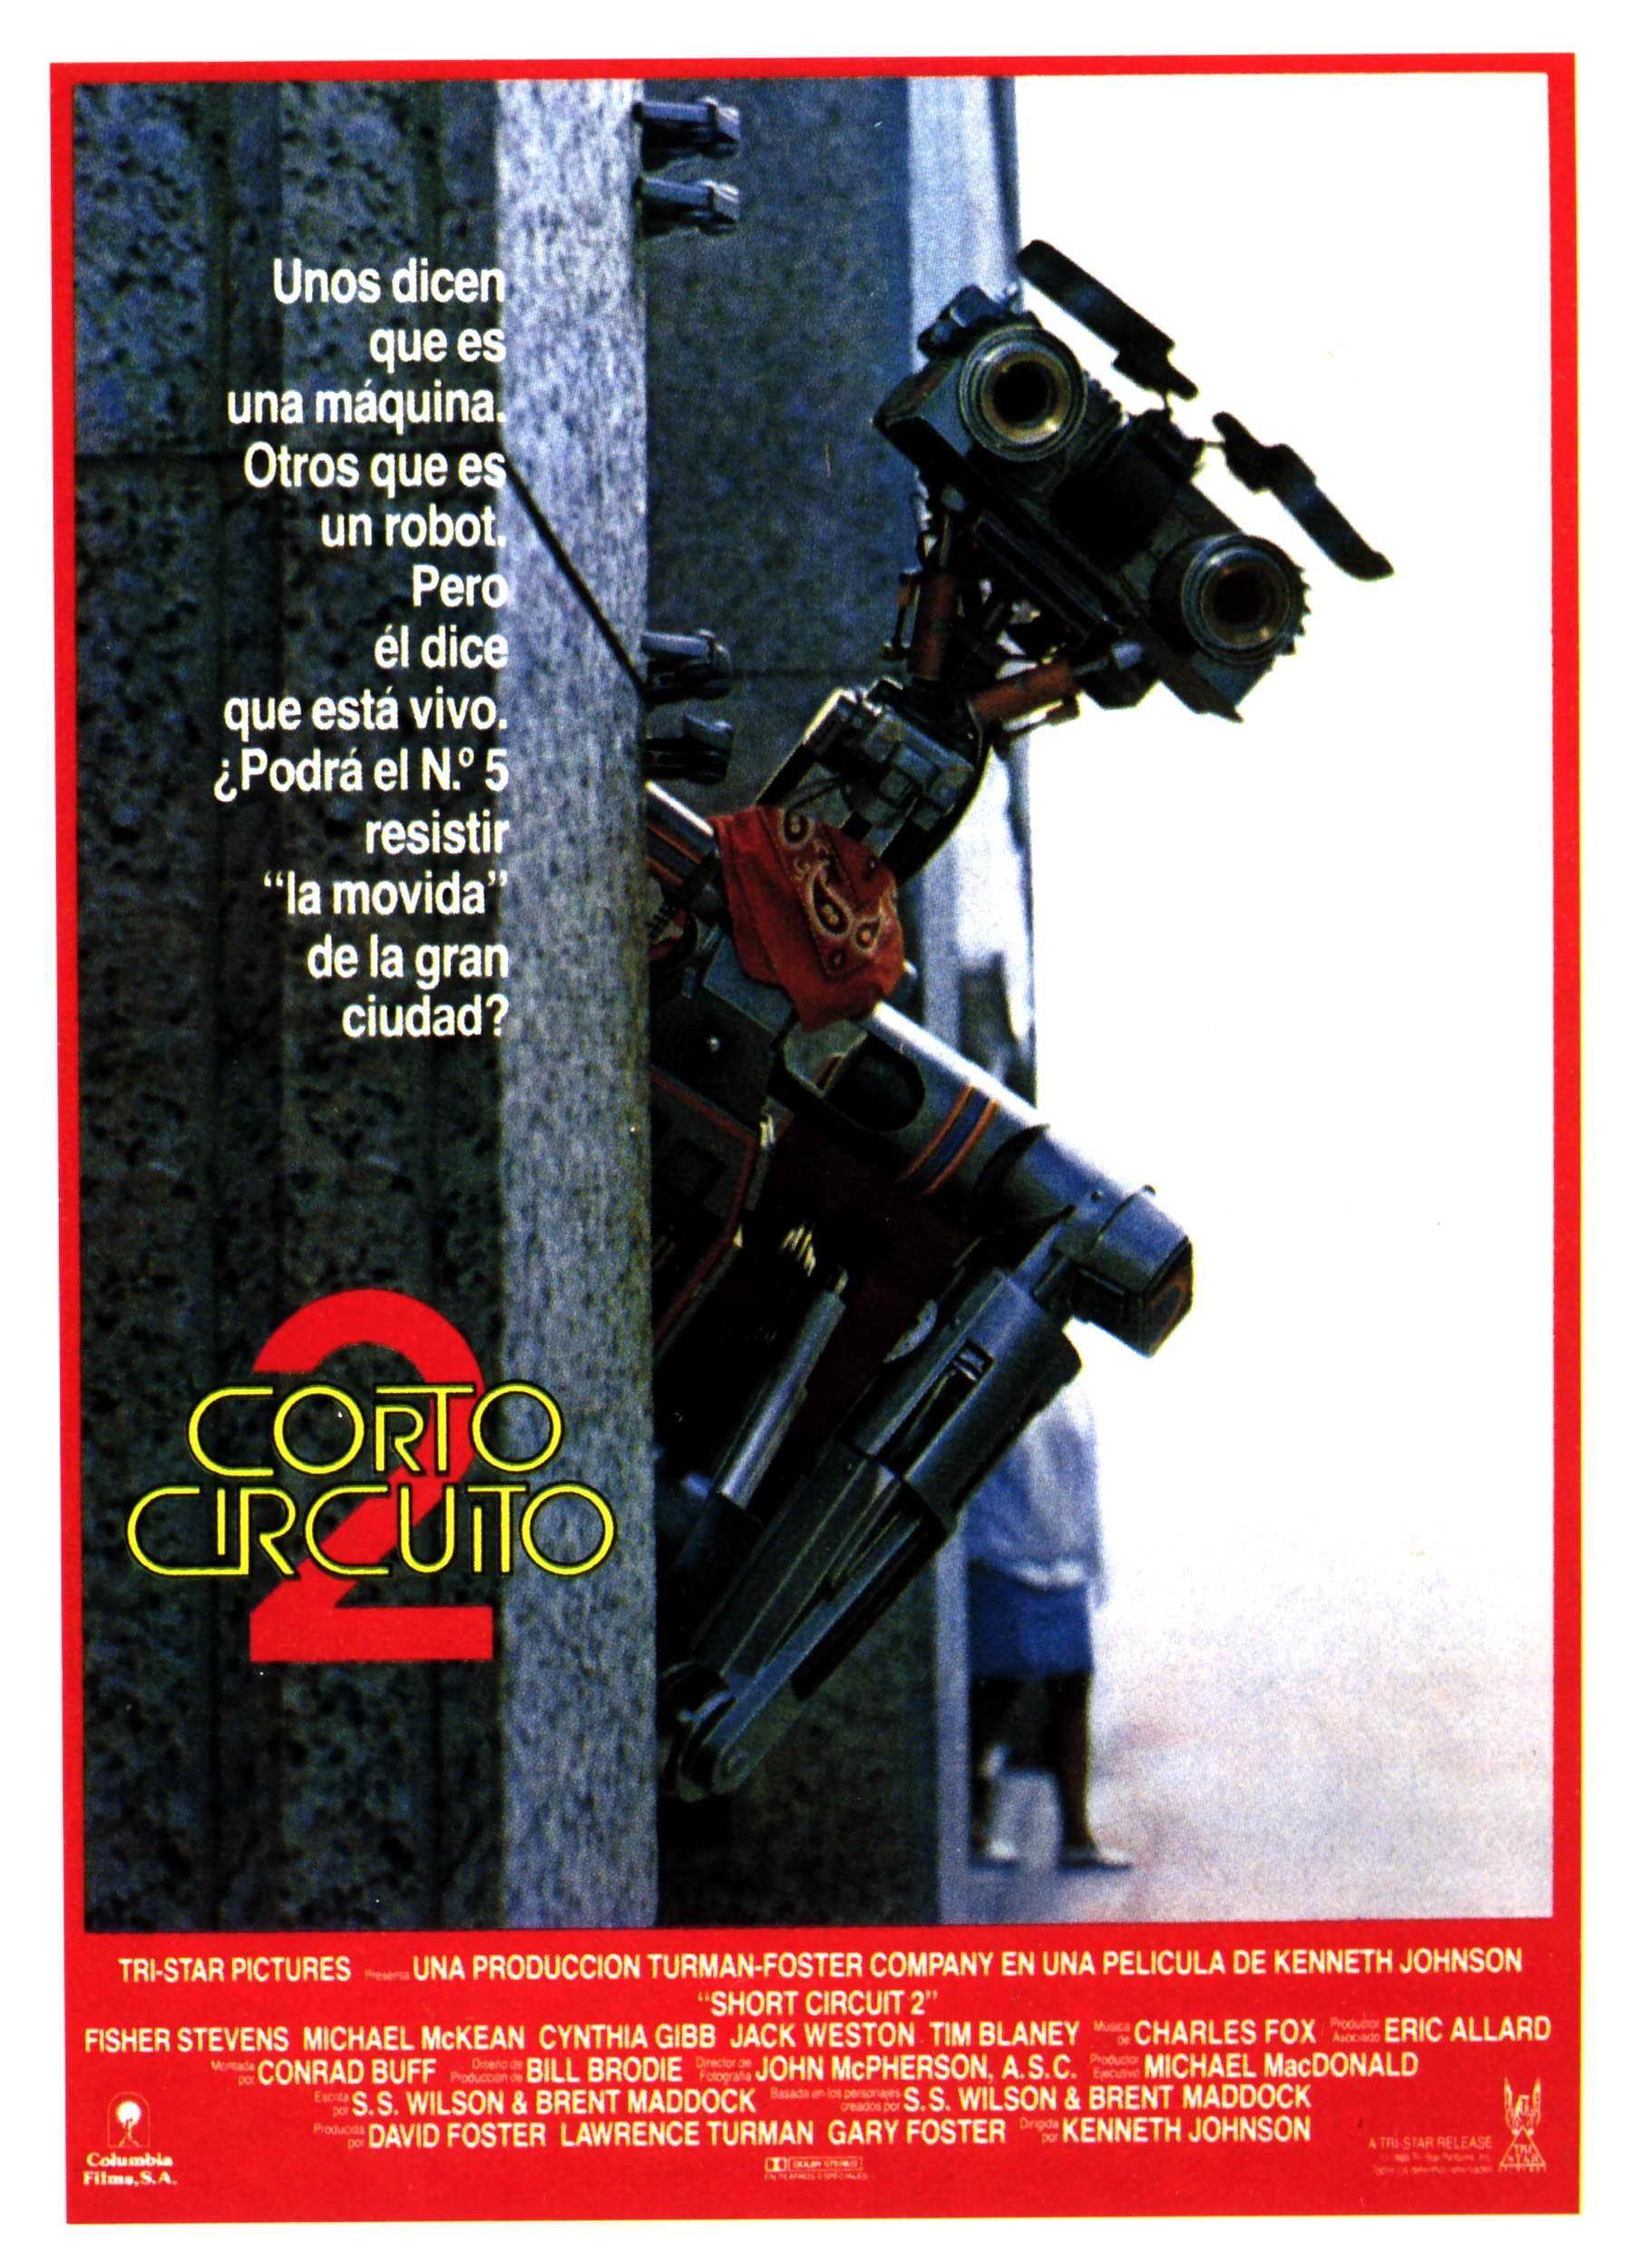 Cortocircuito 2 Momentos Cine Serie Especialidad 80s Shortcircuit2 Short Circuit Hd Movies